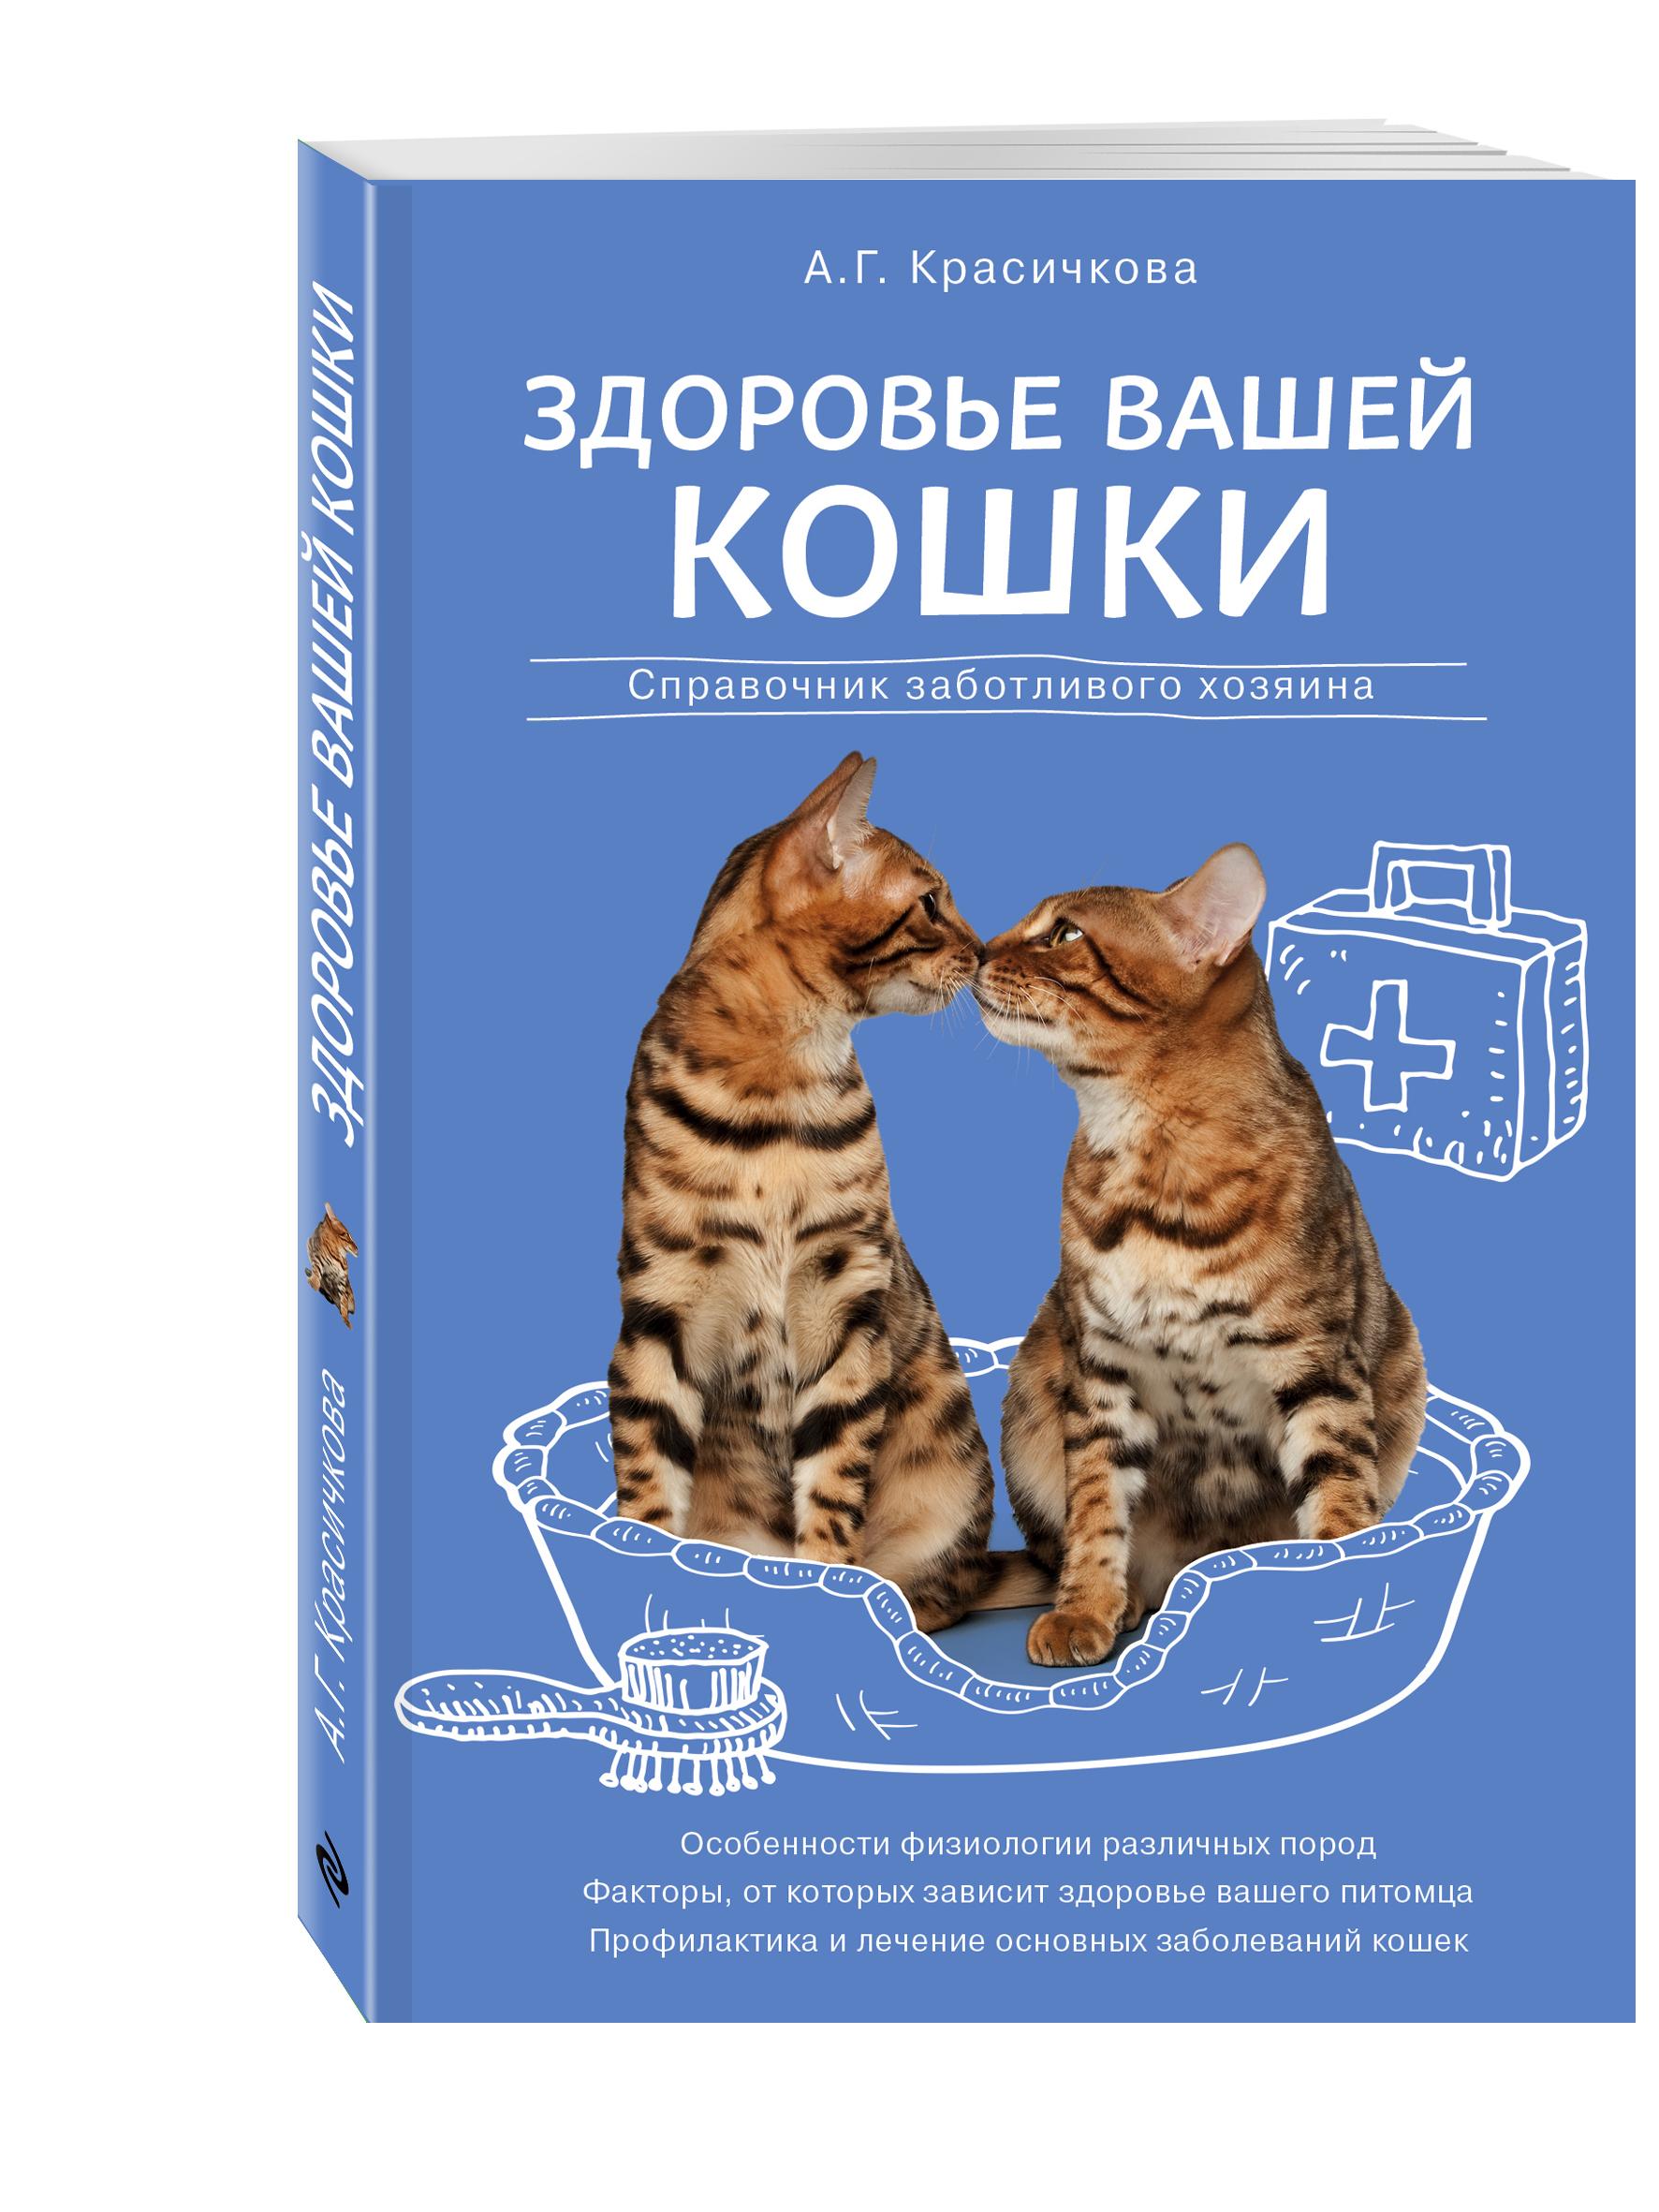 Красичкова А.Г. Здоровье вашей кошки ISBN: 978-5-699-73659-1